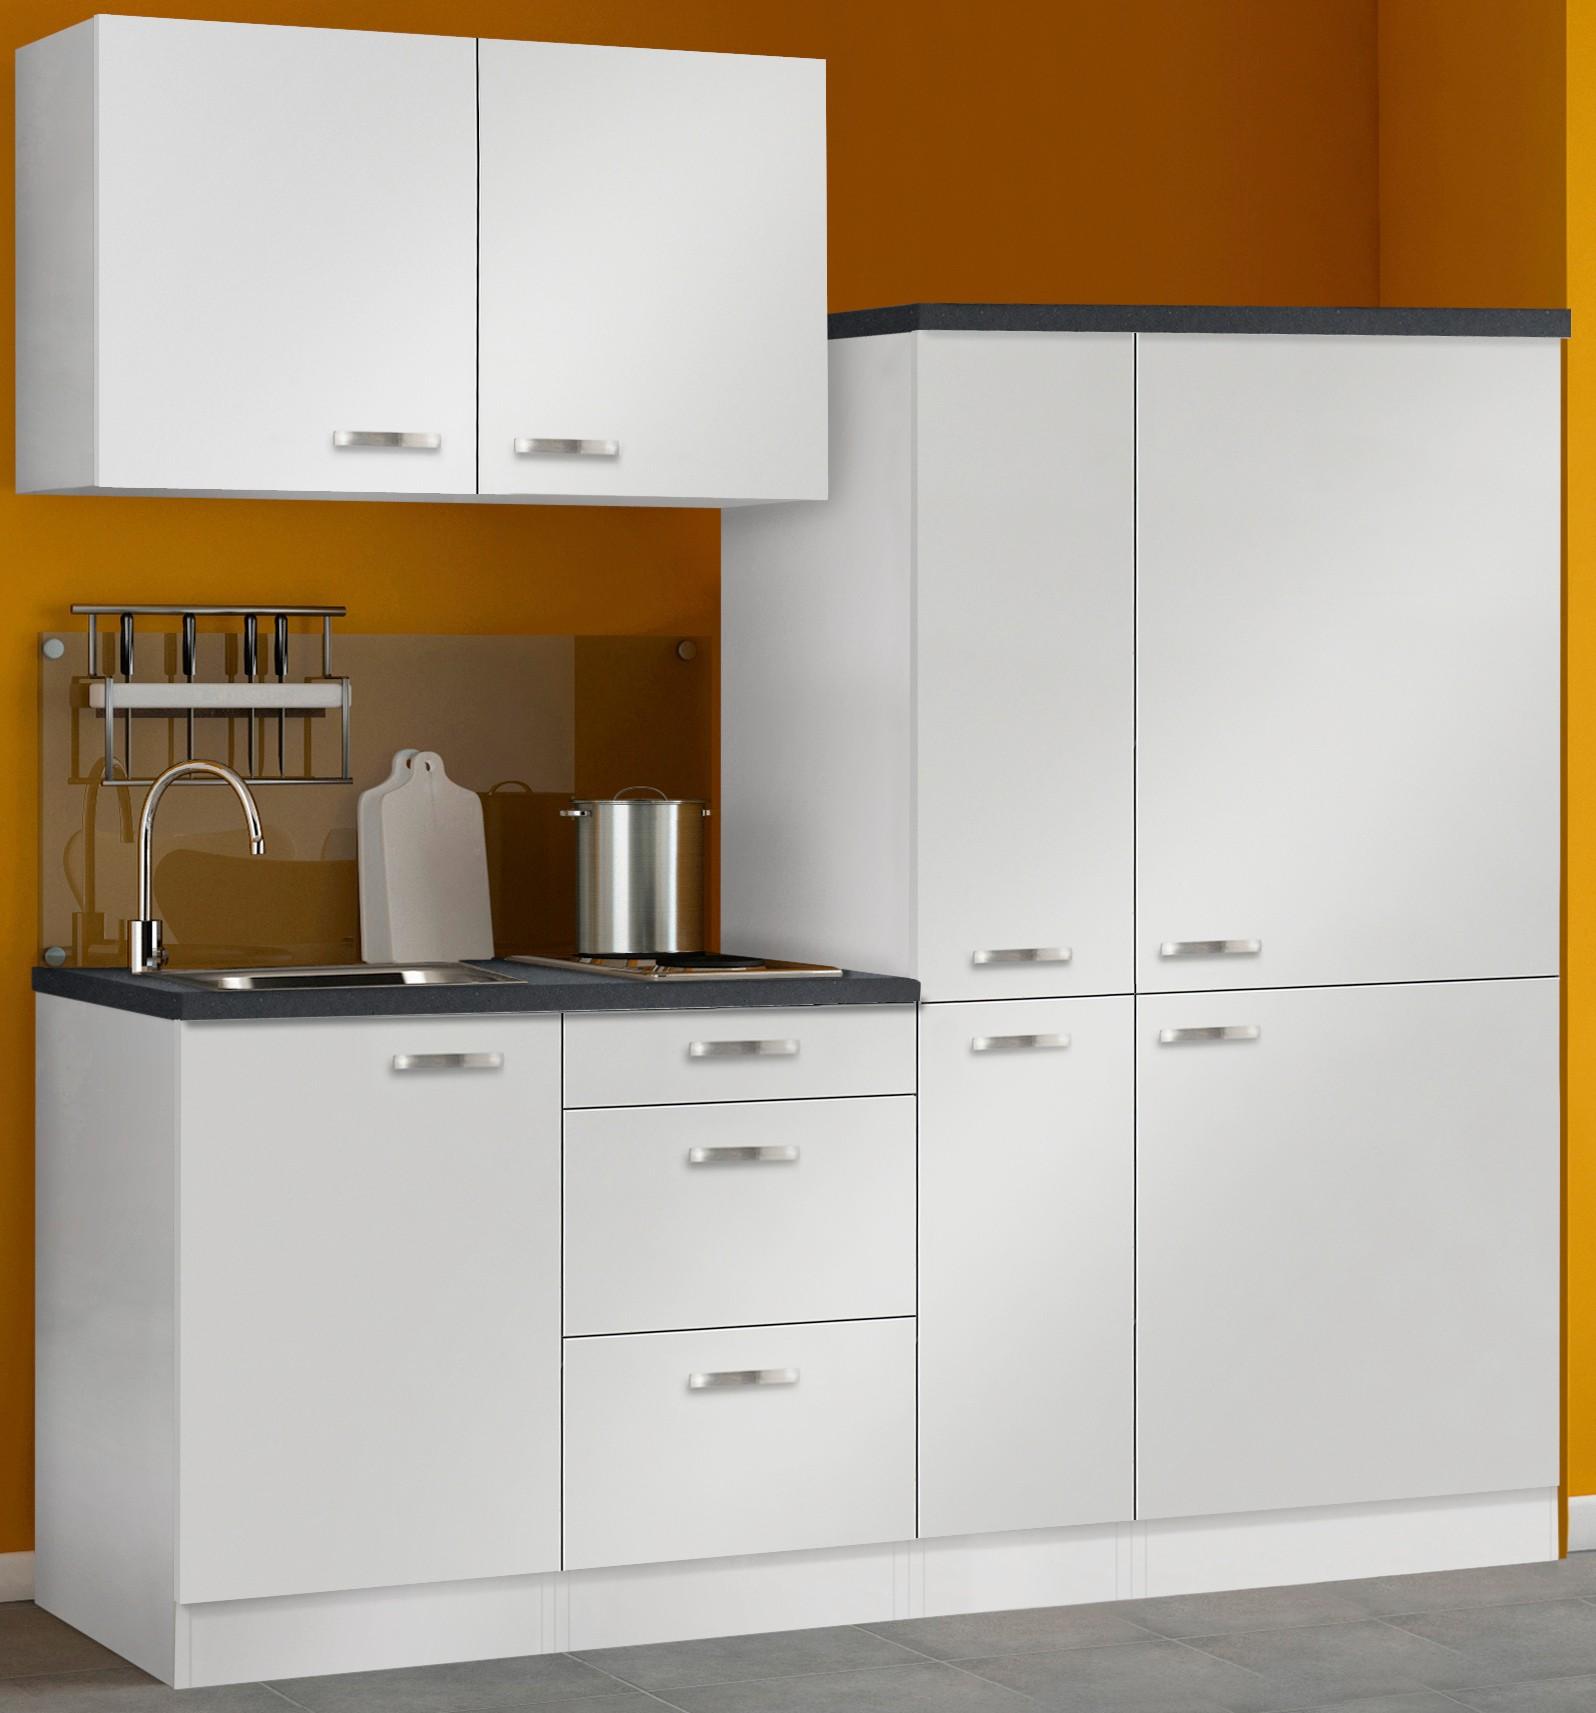 Miniküche Mit Kühlschrank ist perfekt design für ihr wohnideen